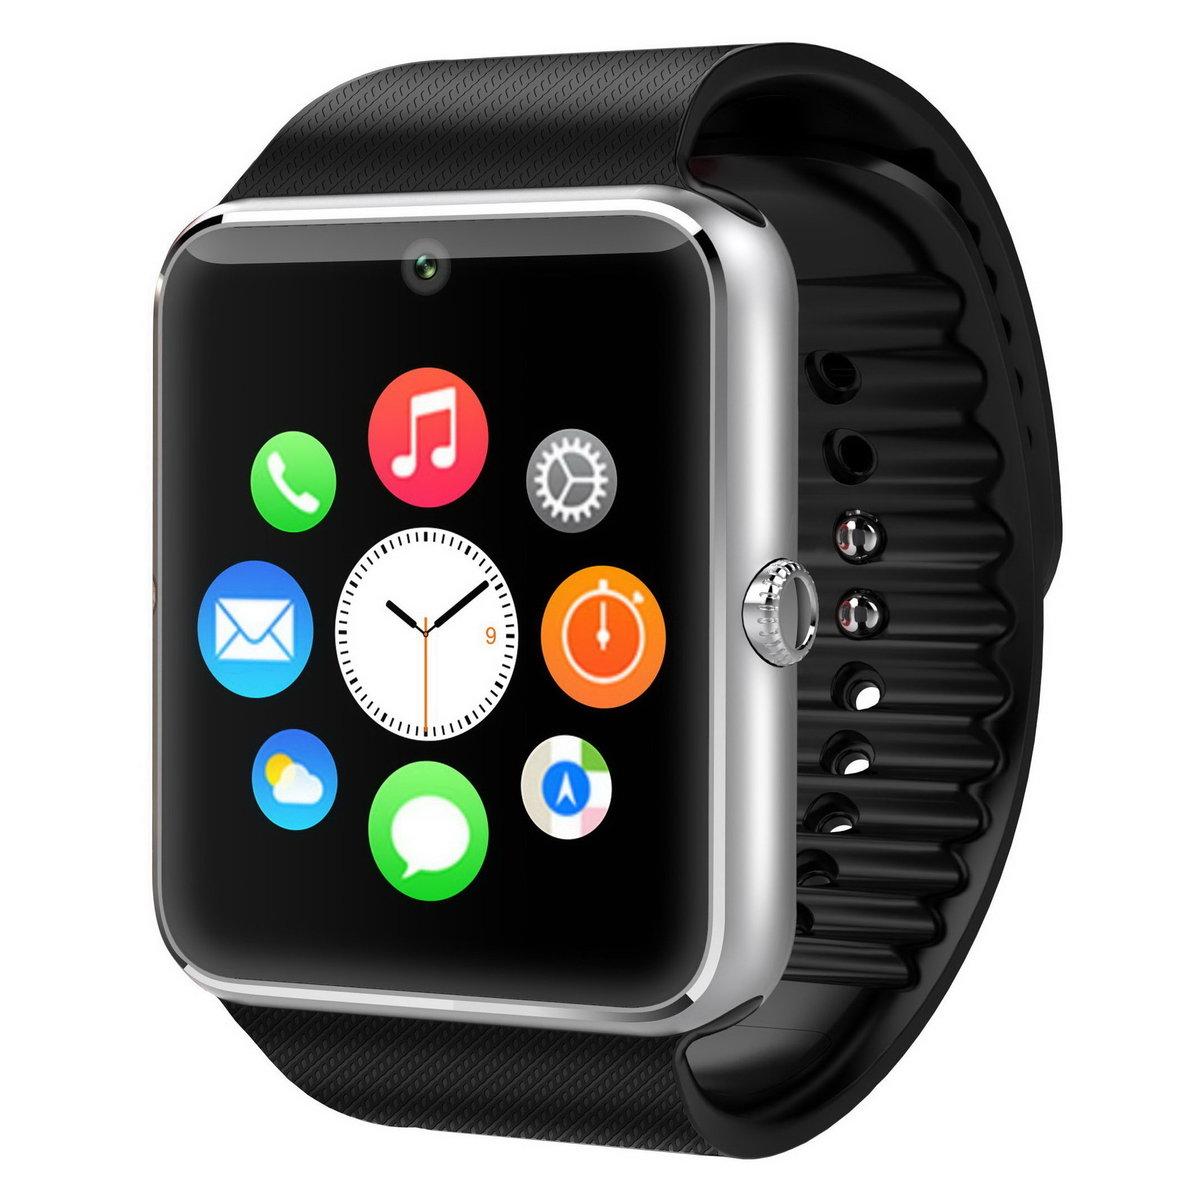 Часы способны полностью заменить смартфон или стать его верным помощником.